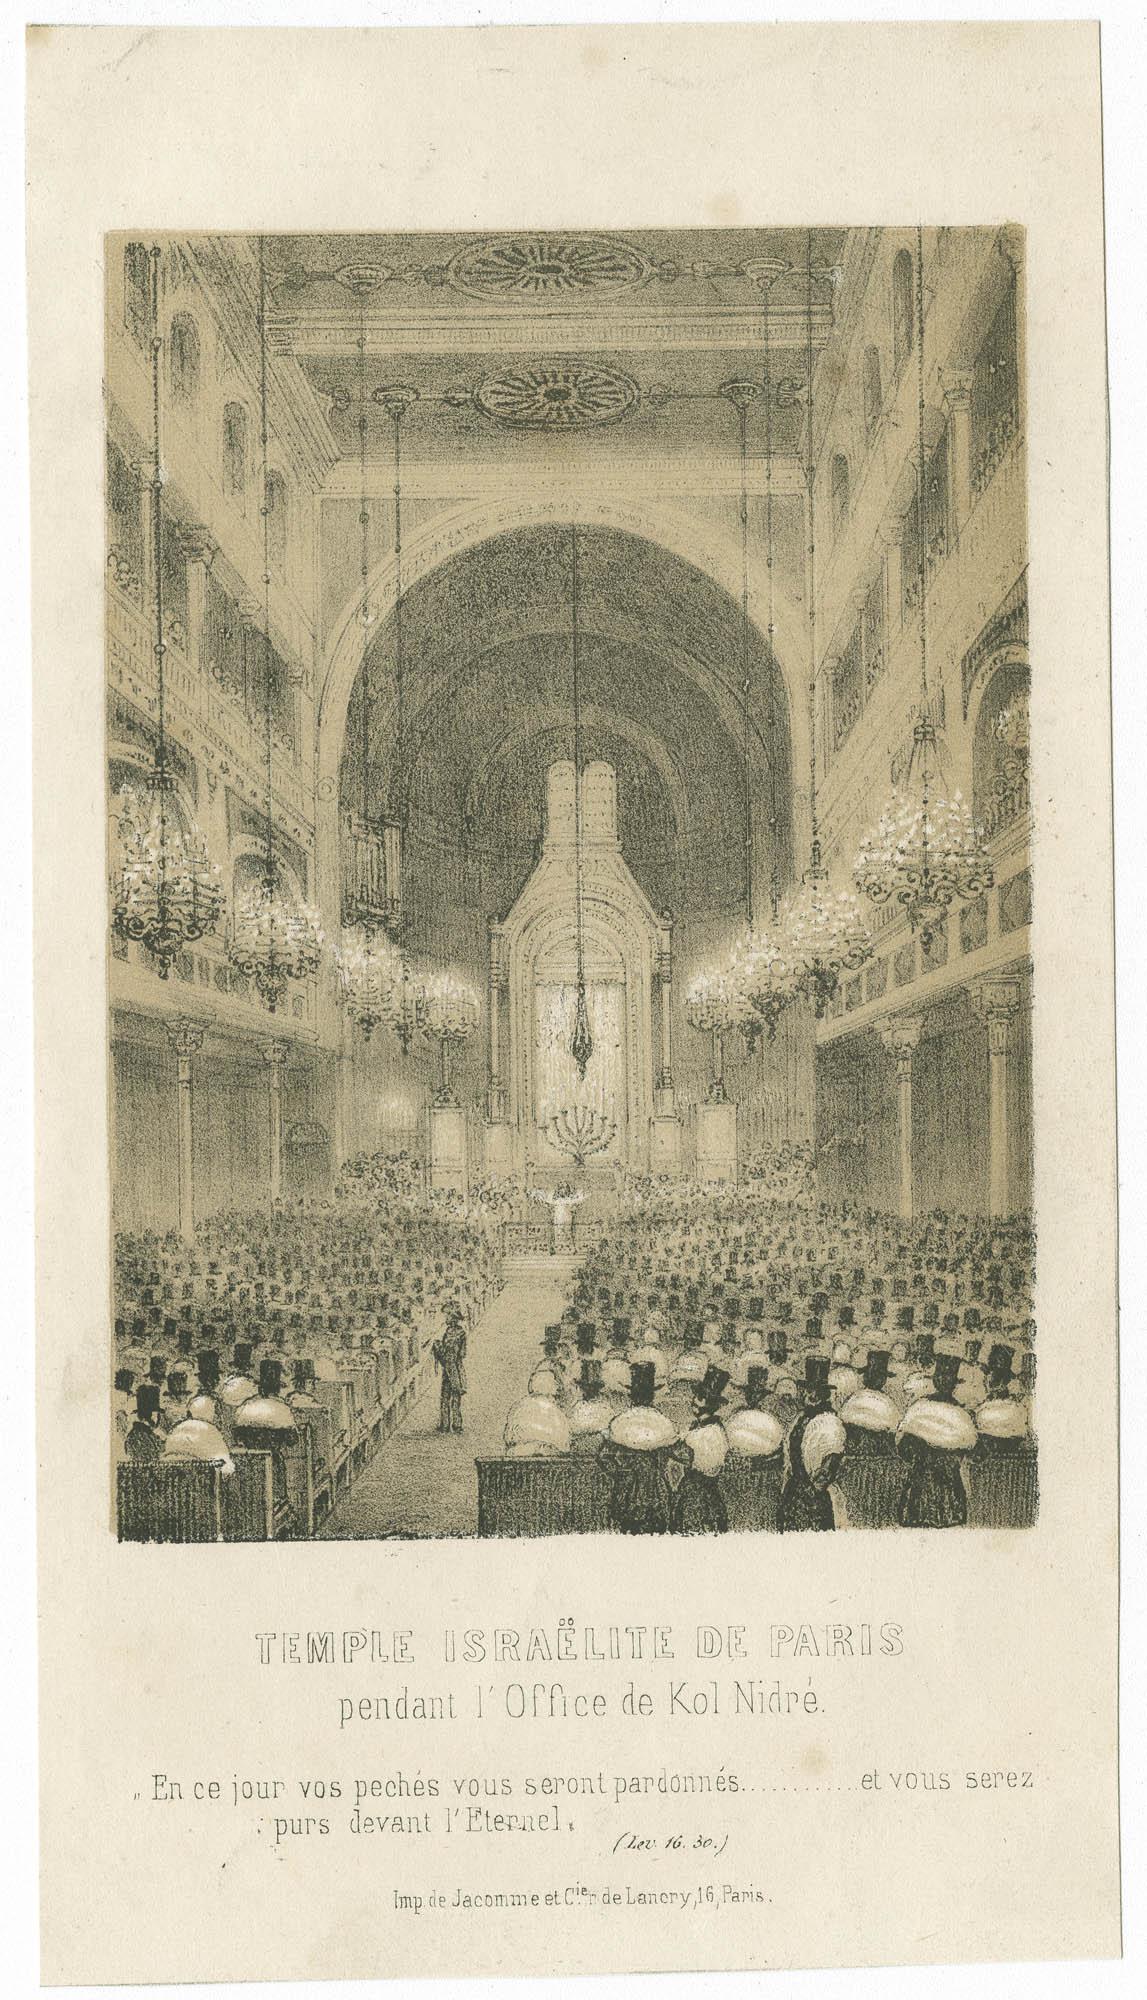 Temple israëlite de Paris, pendant l'office de Kol Nidré